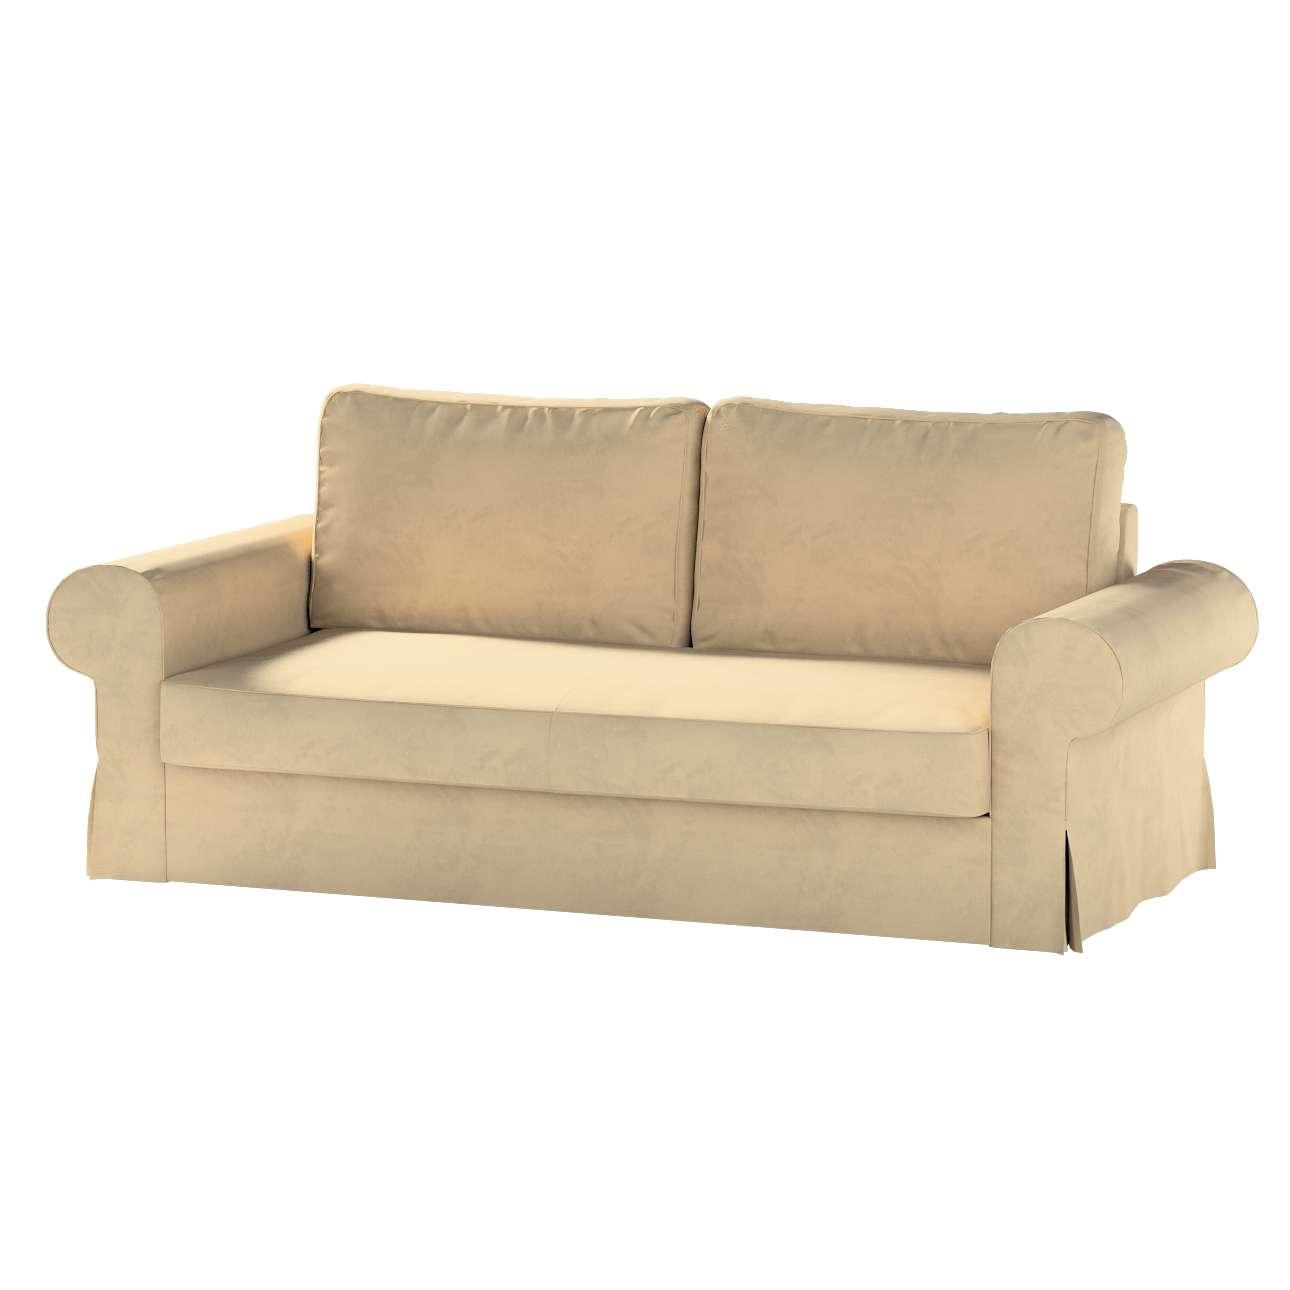 Backabro 3-Sitzer Sofabezug ausklappbar von der Kollektion Living, Stoff: 160-82